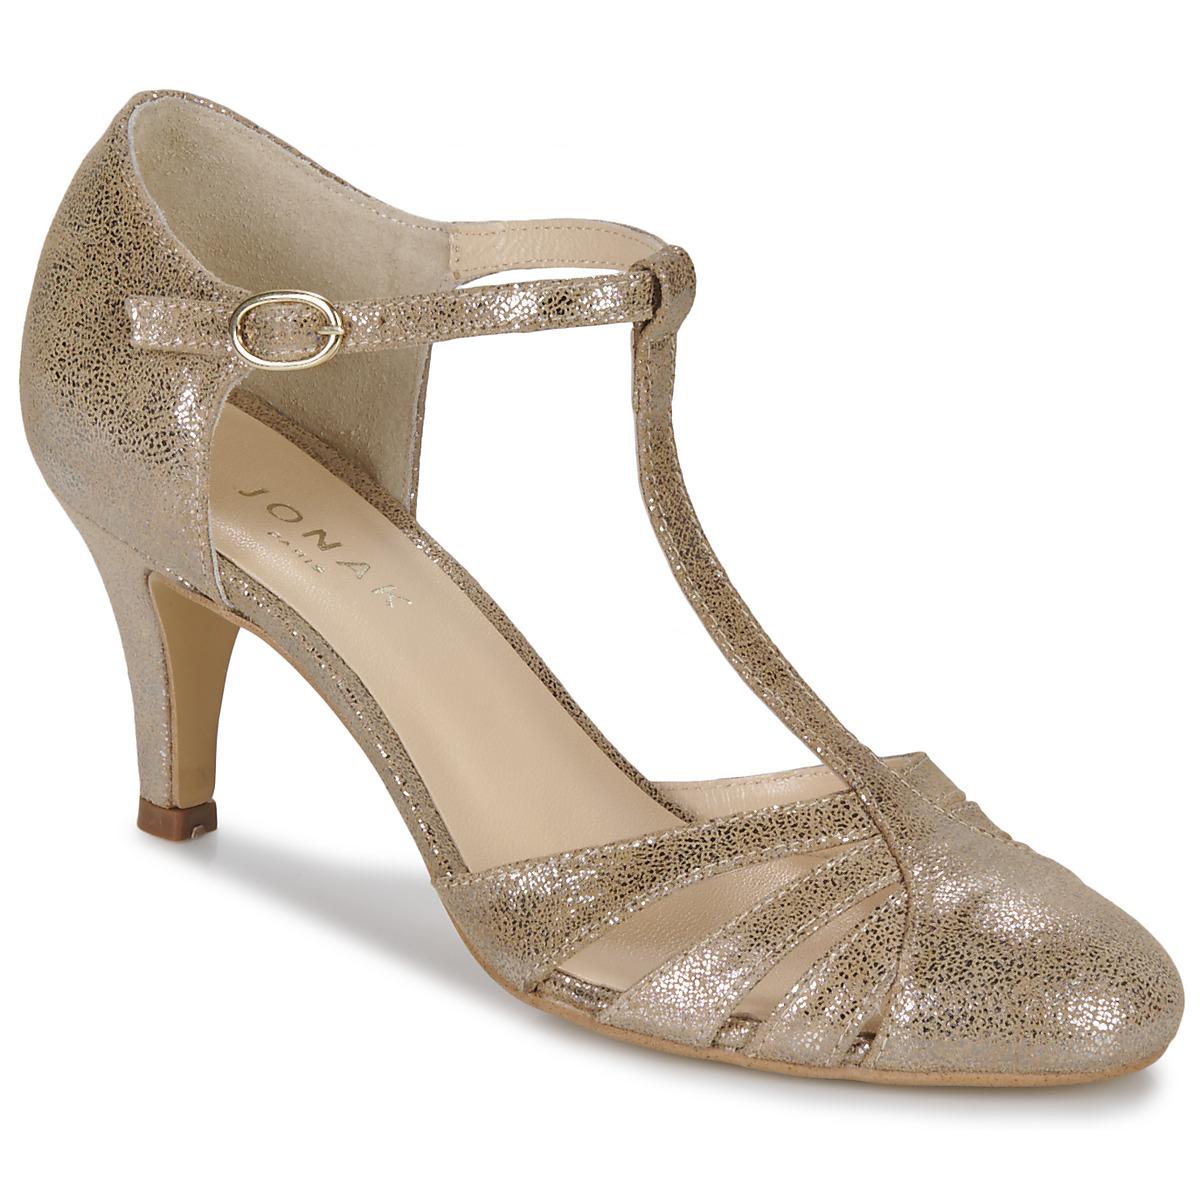 JONAK - Chaussures JONAK - Livraison Gratuite avec Spartoo.com ! ce19f7e2c21